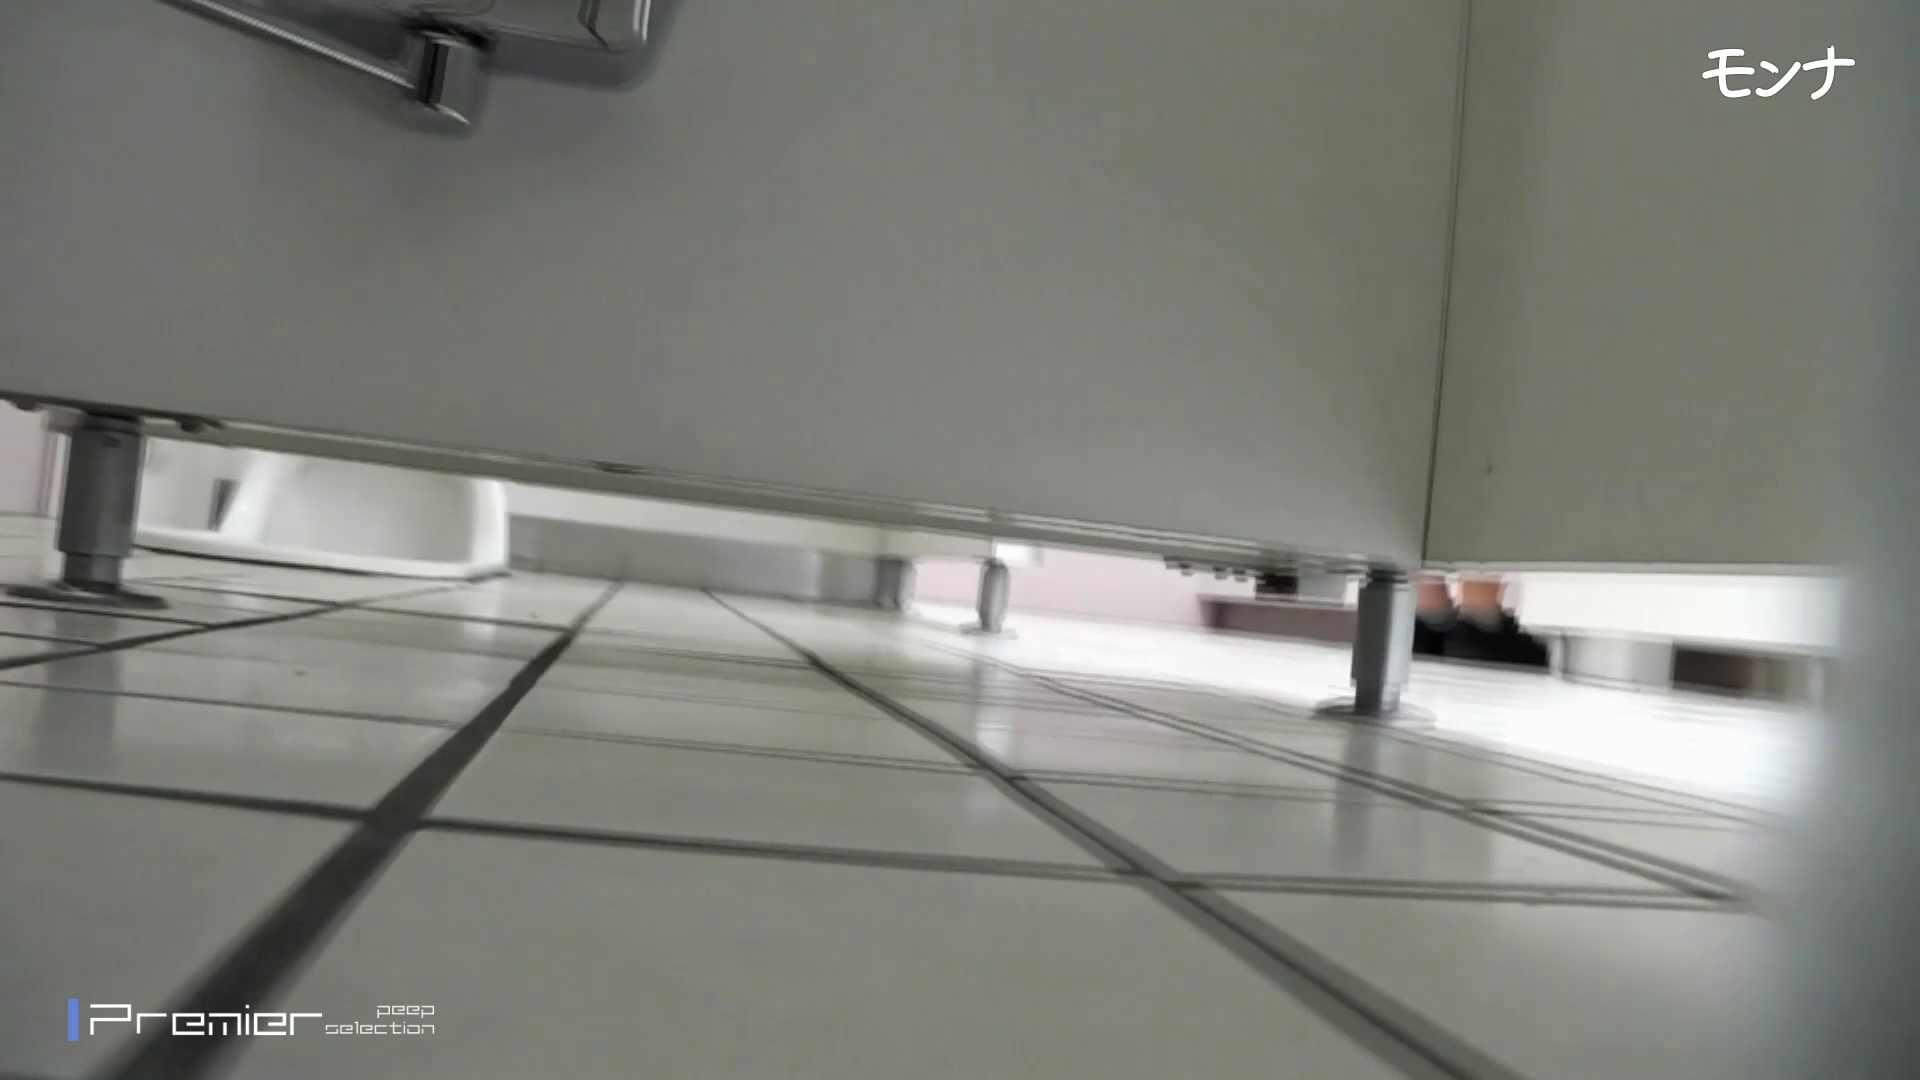 美しい日本の未来 No.73 自然なセクシーな仕草に感動中 盗撮映像大放出 おまんこ無修正動画無料 100連発 2